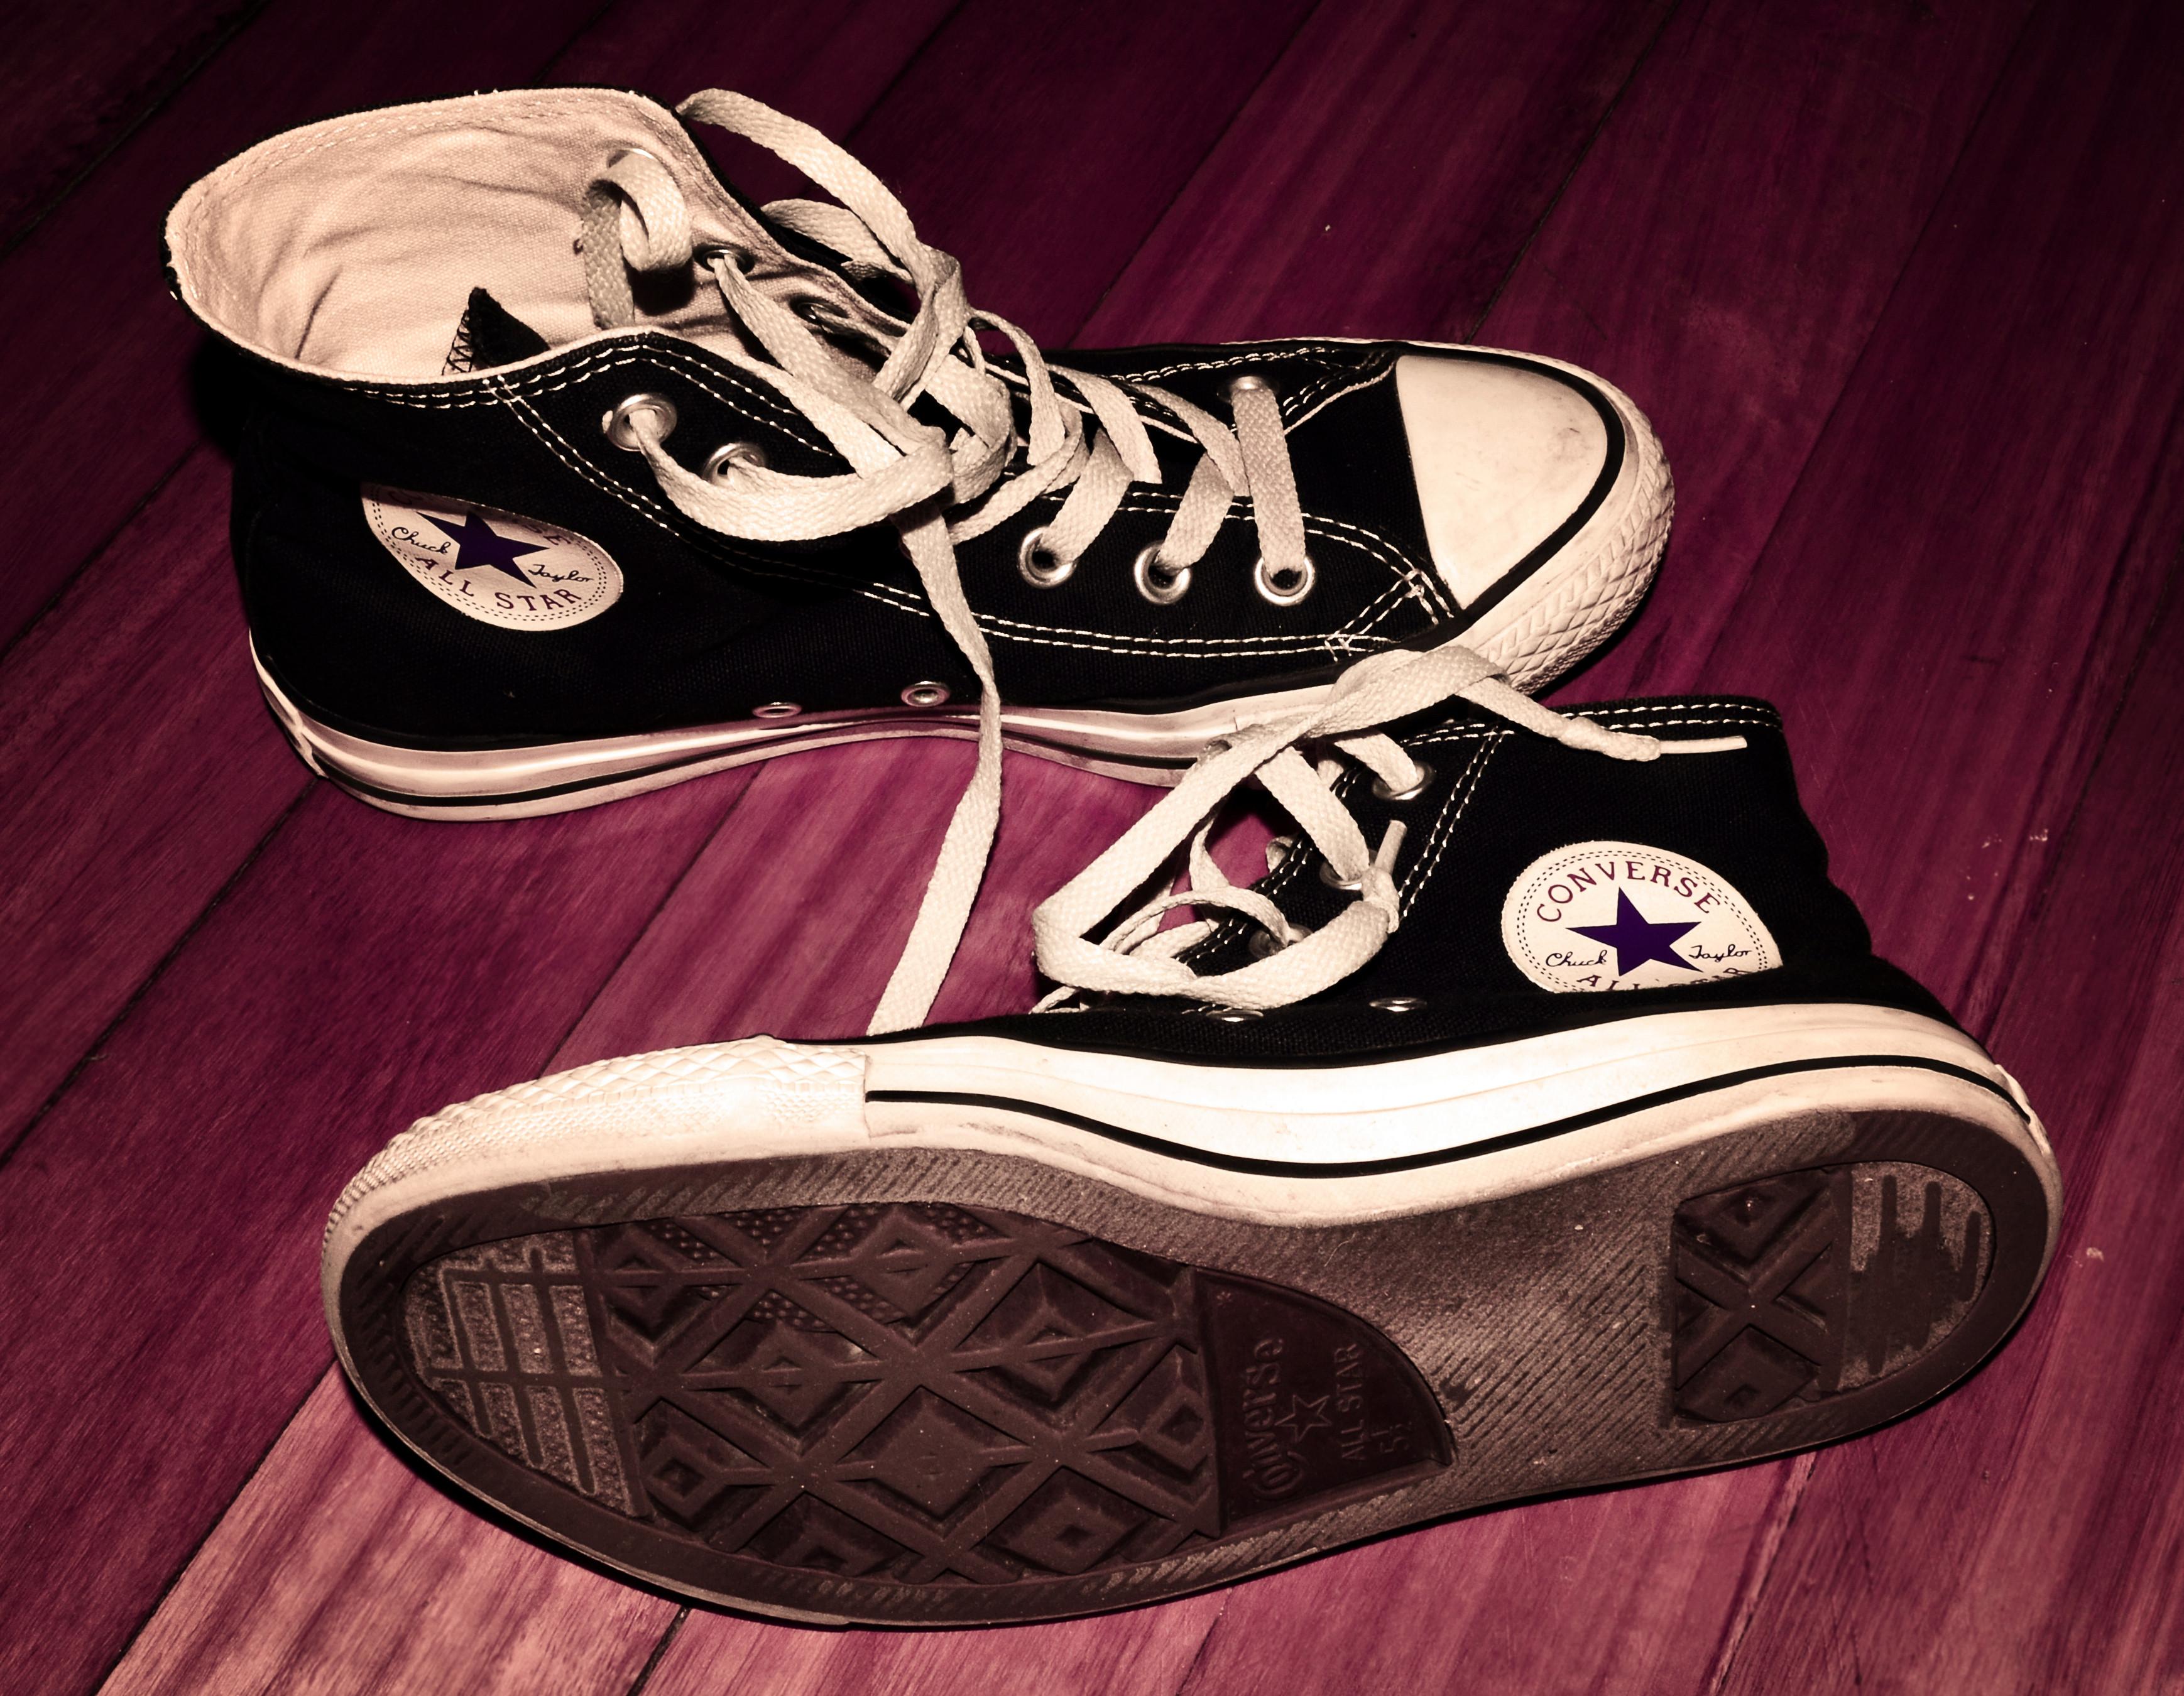 3a9912c5a925 La historia de las zapatillas Converse All Star